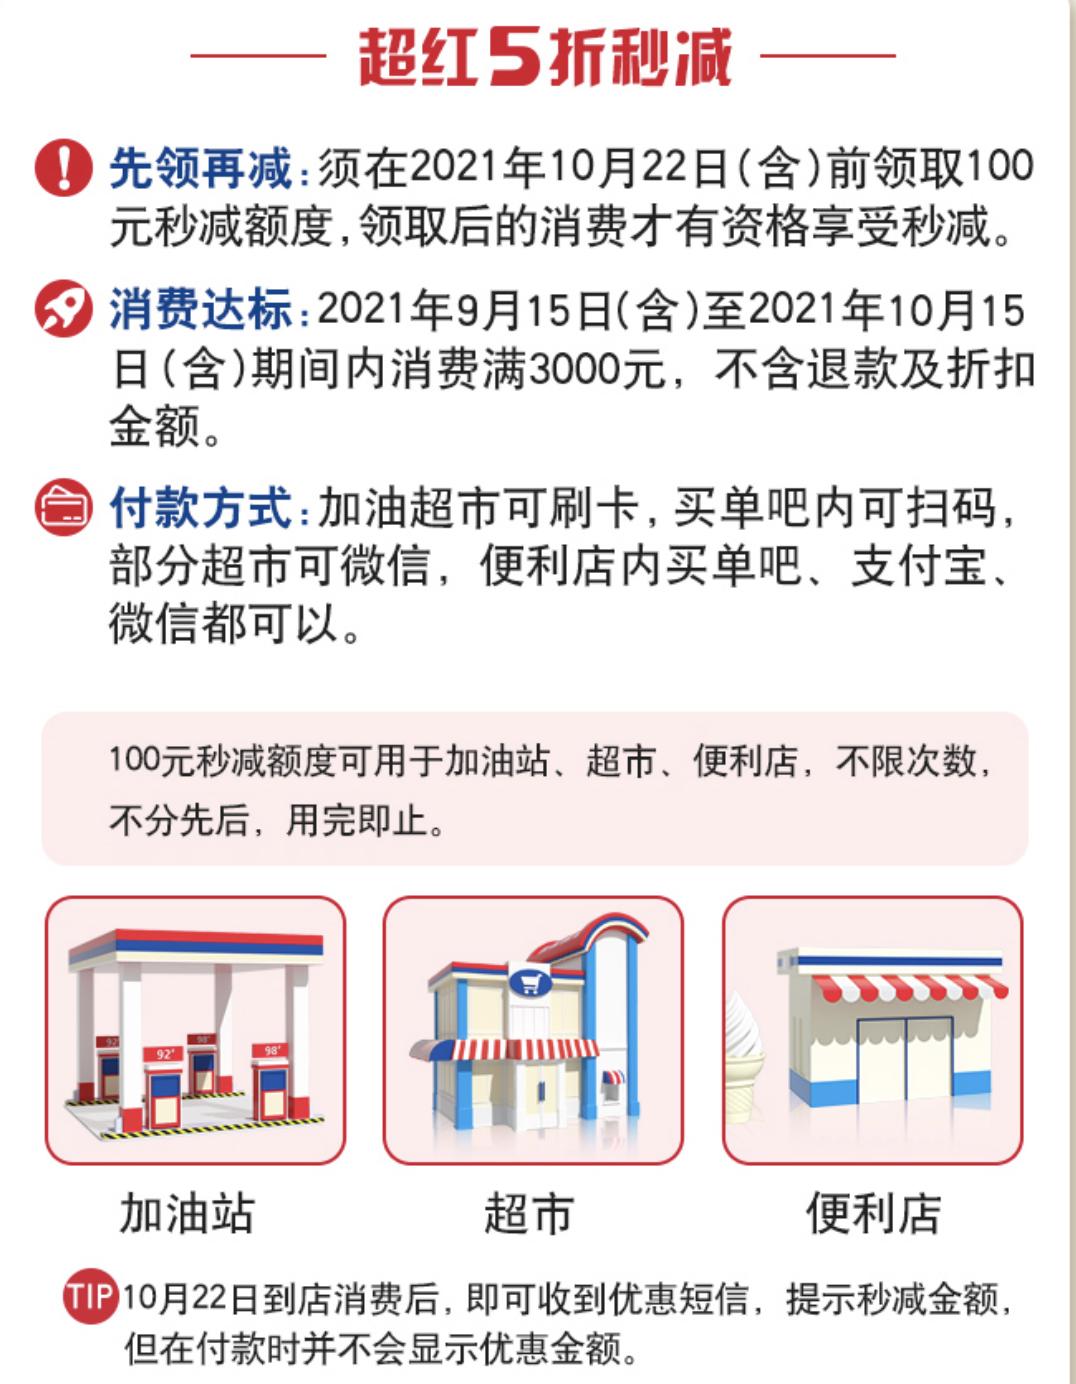 交通银行x10.22超红星期五,五折特惠最高立减100元